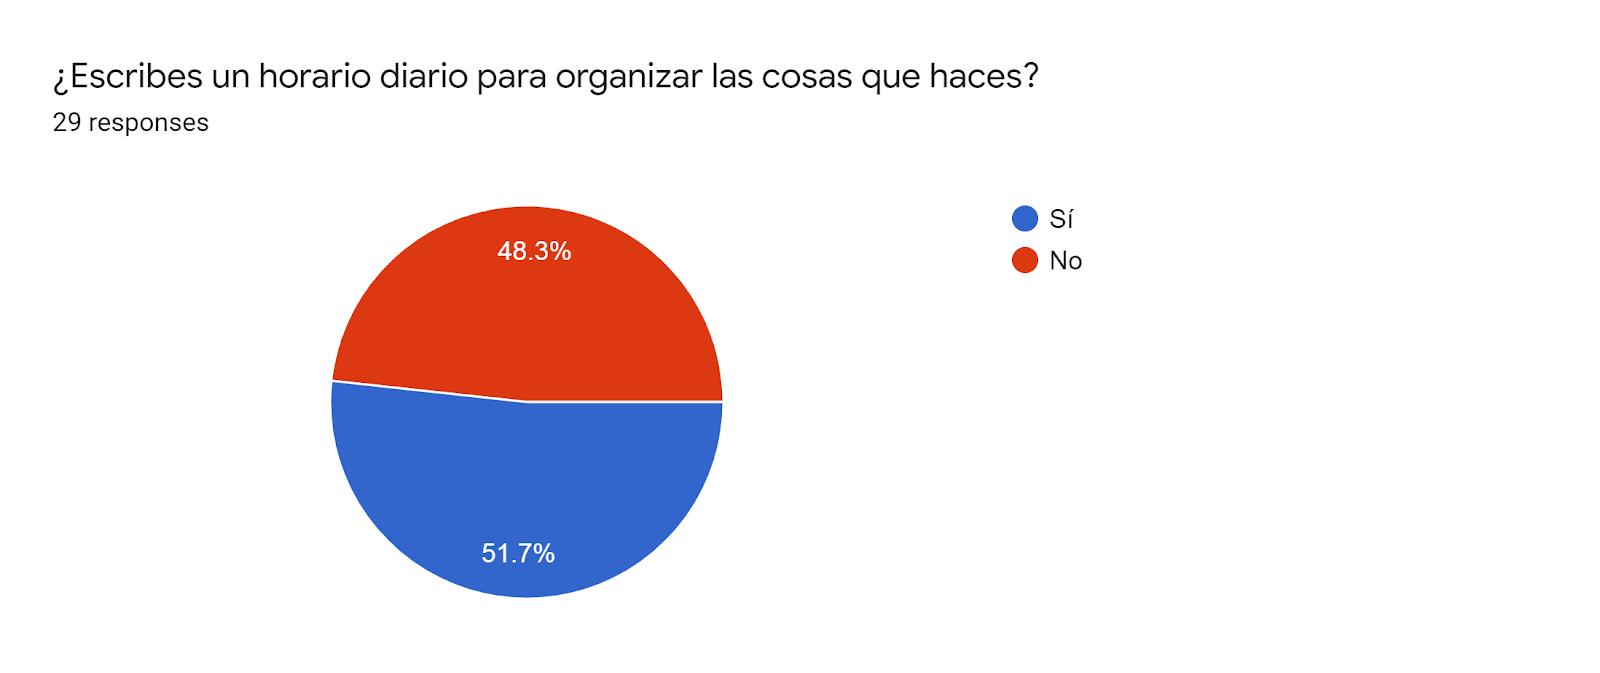 Forms response chart. Question title: ¿Escribes un horario diario para organizar las cosas que haces?. Number of responses: 29 responses.